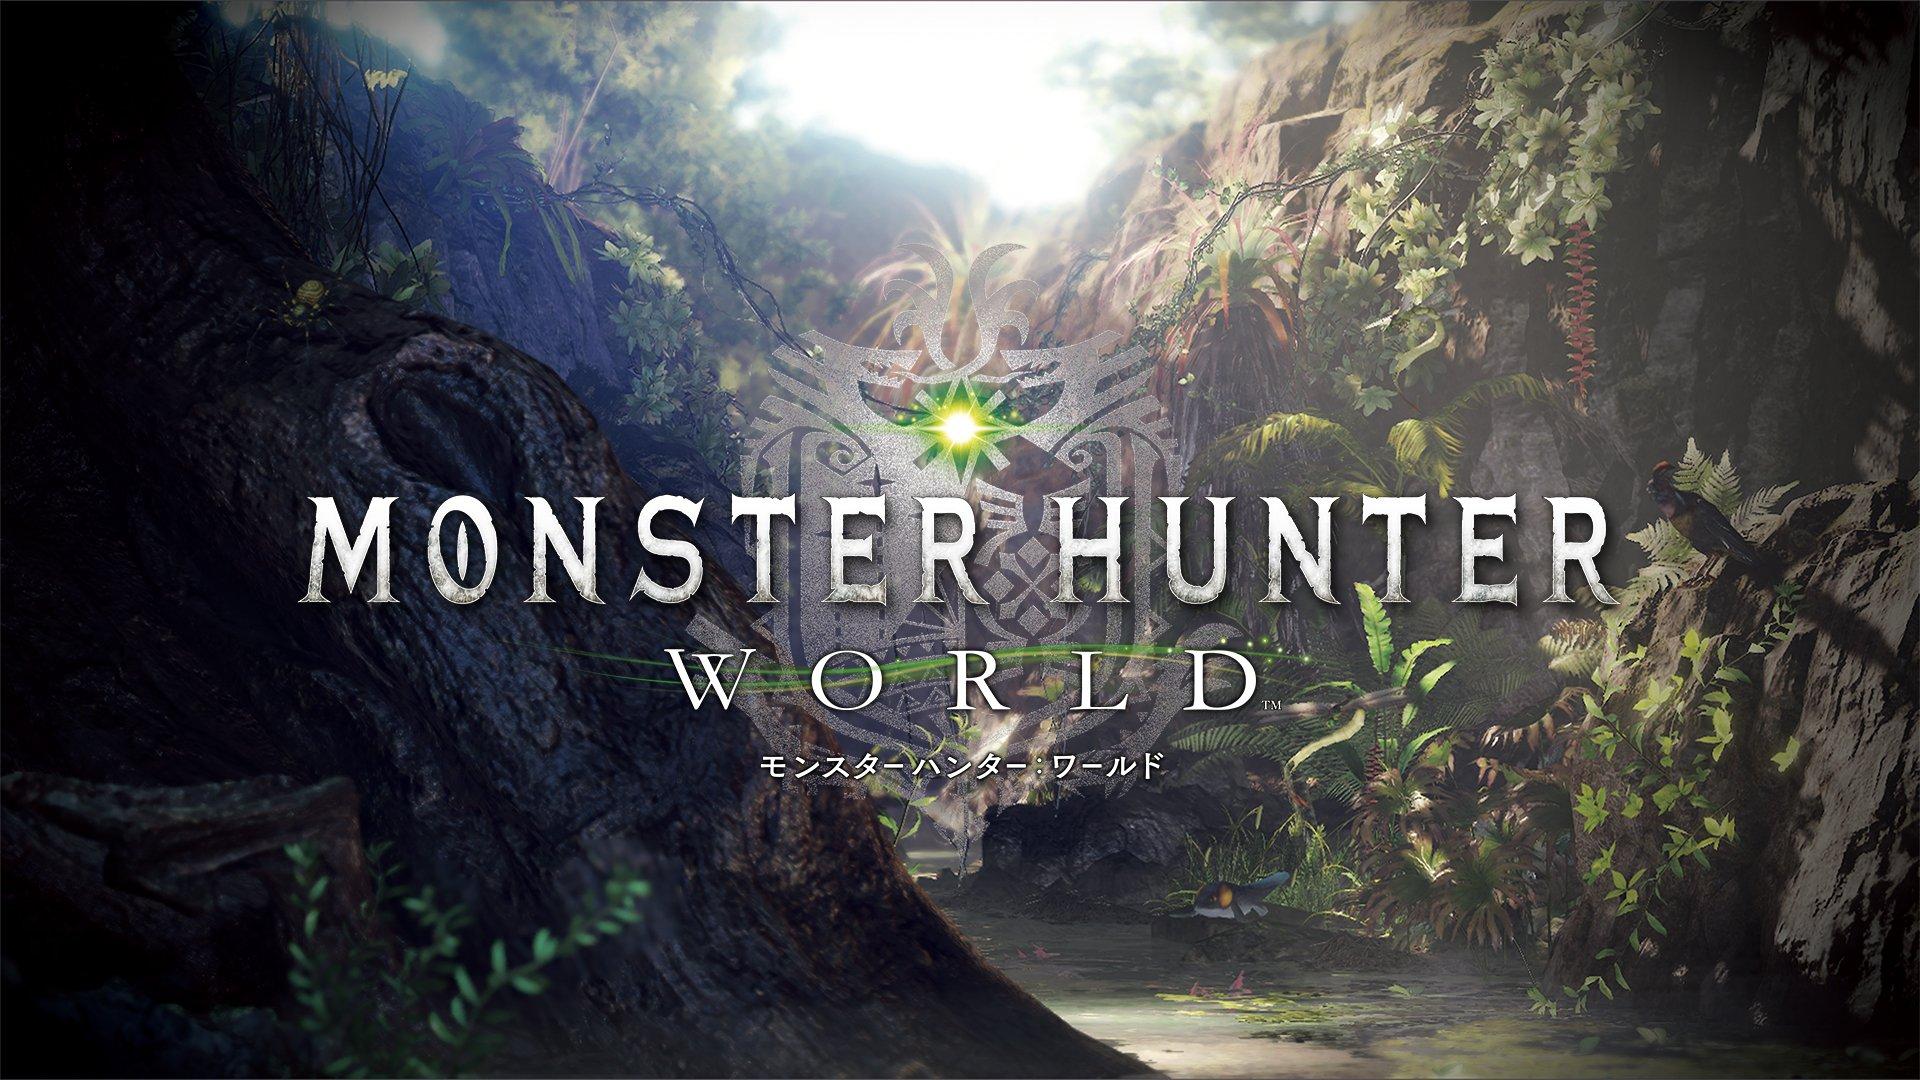 monster-hunter-world-wallpaper-zuu-05